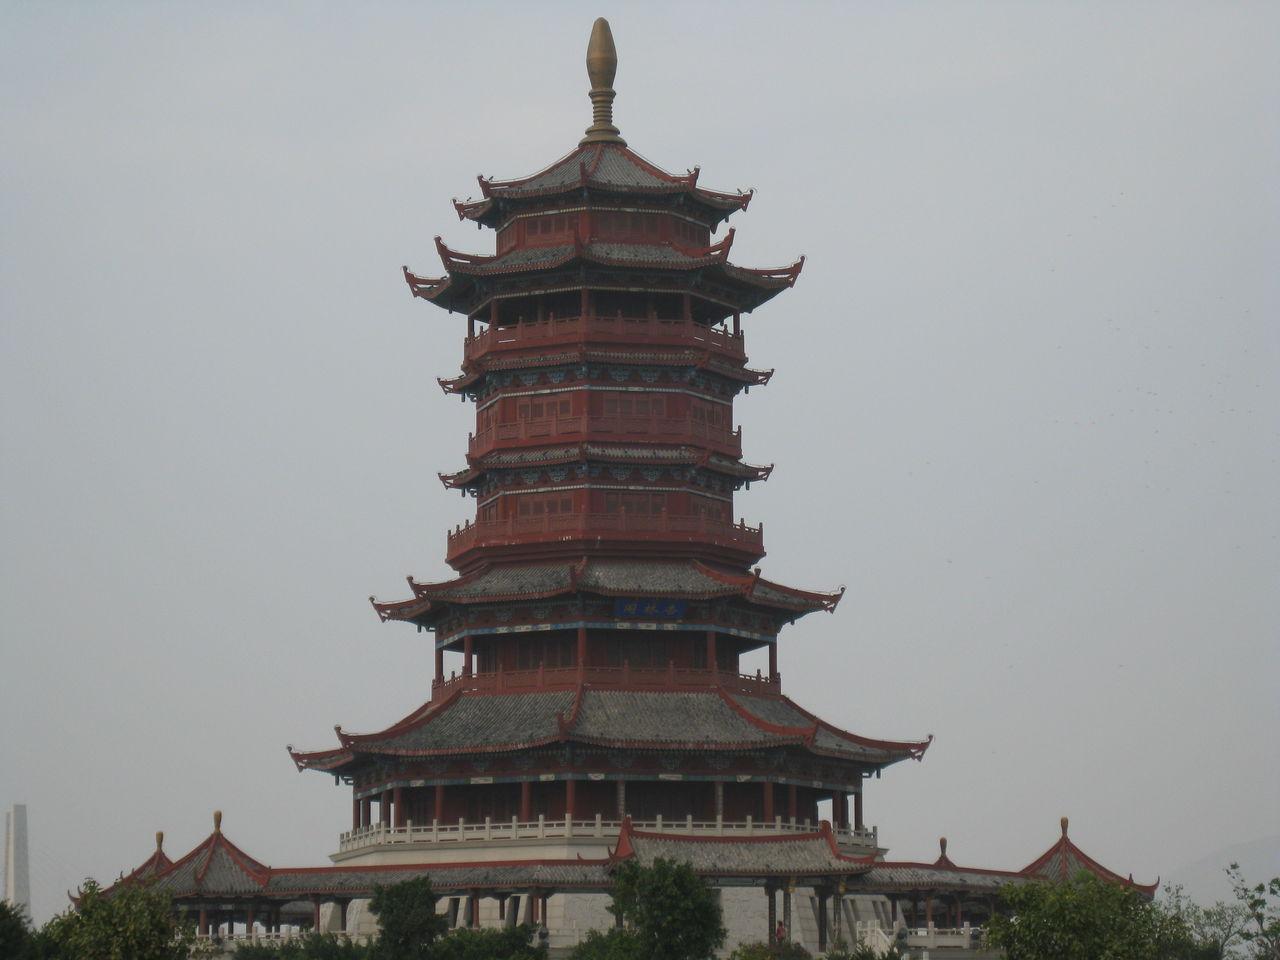 北京园博园景点图片 北京园博园景点 北京园博园经典景点 高清图片